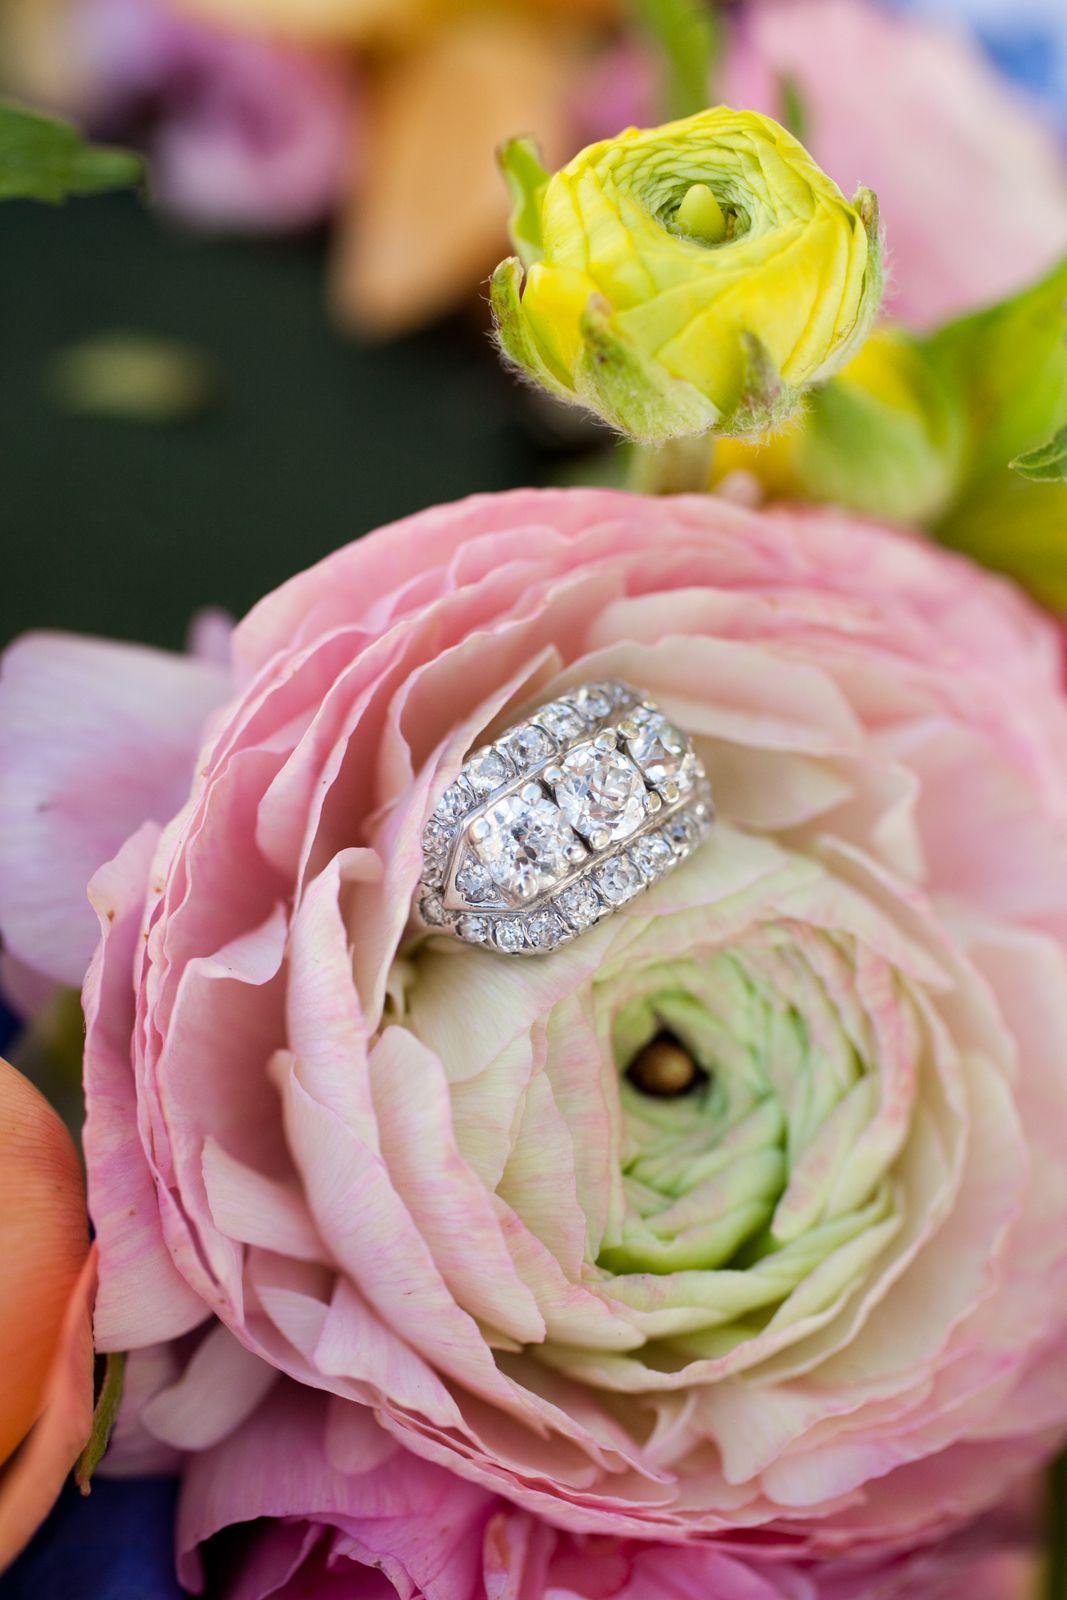 spring wedding ring display | Wedding Rings | Pinterest | Ring ...